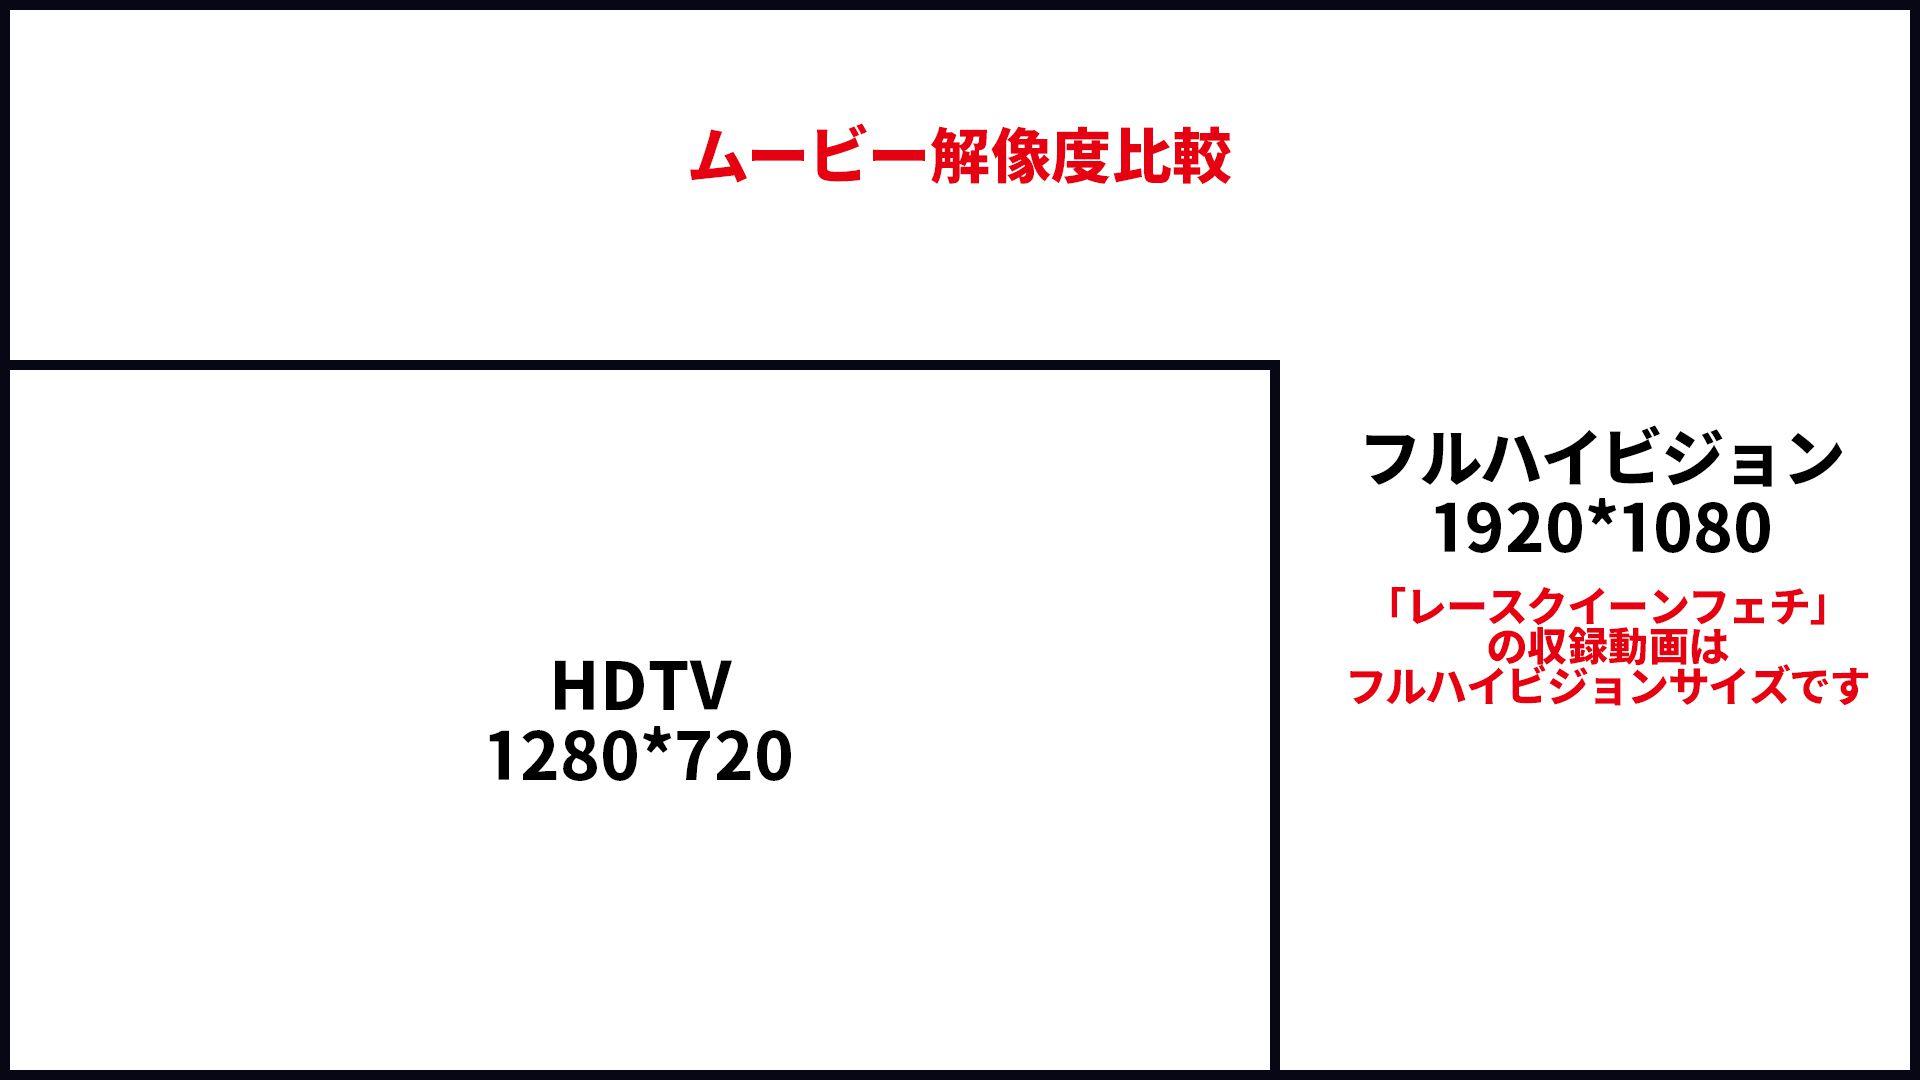 【HD】レースクイーンフェチ#012 ムービー版【4】 サンプル画像10